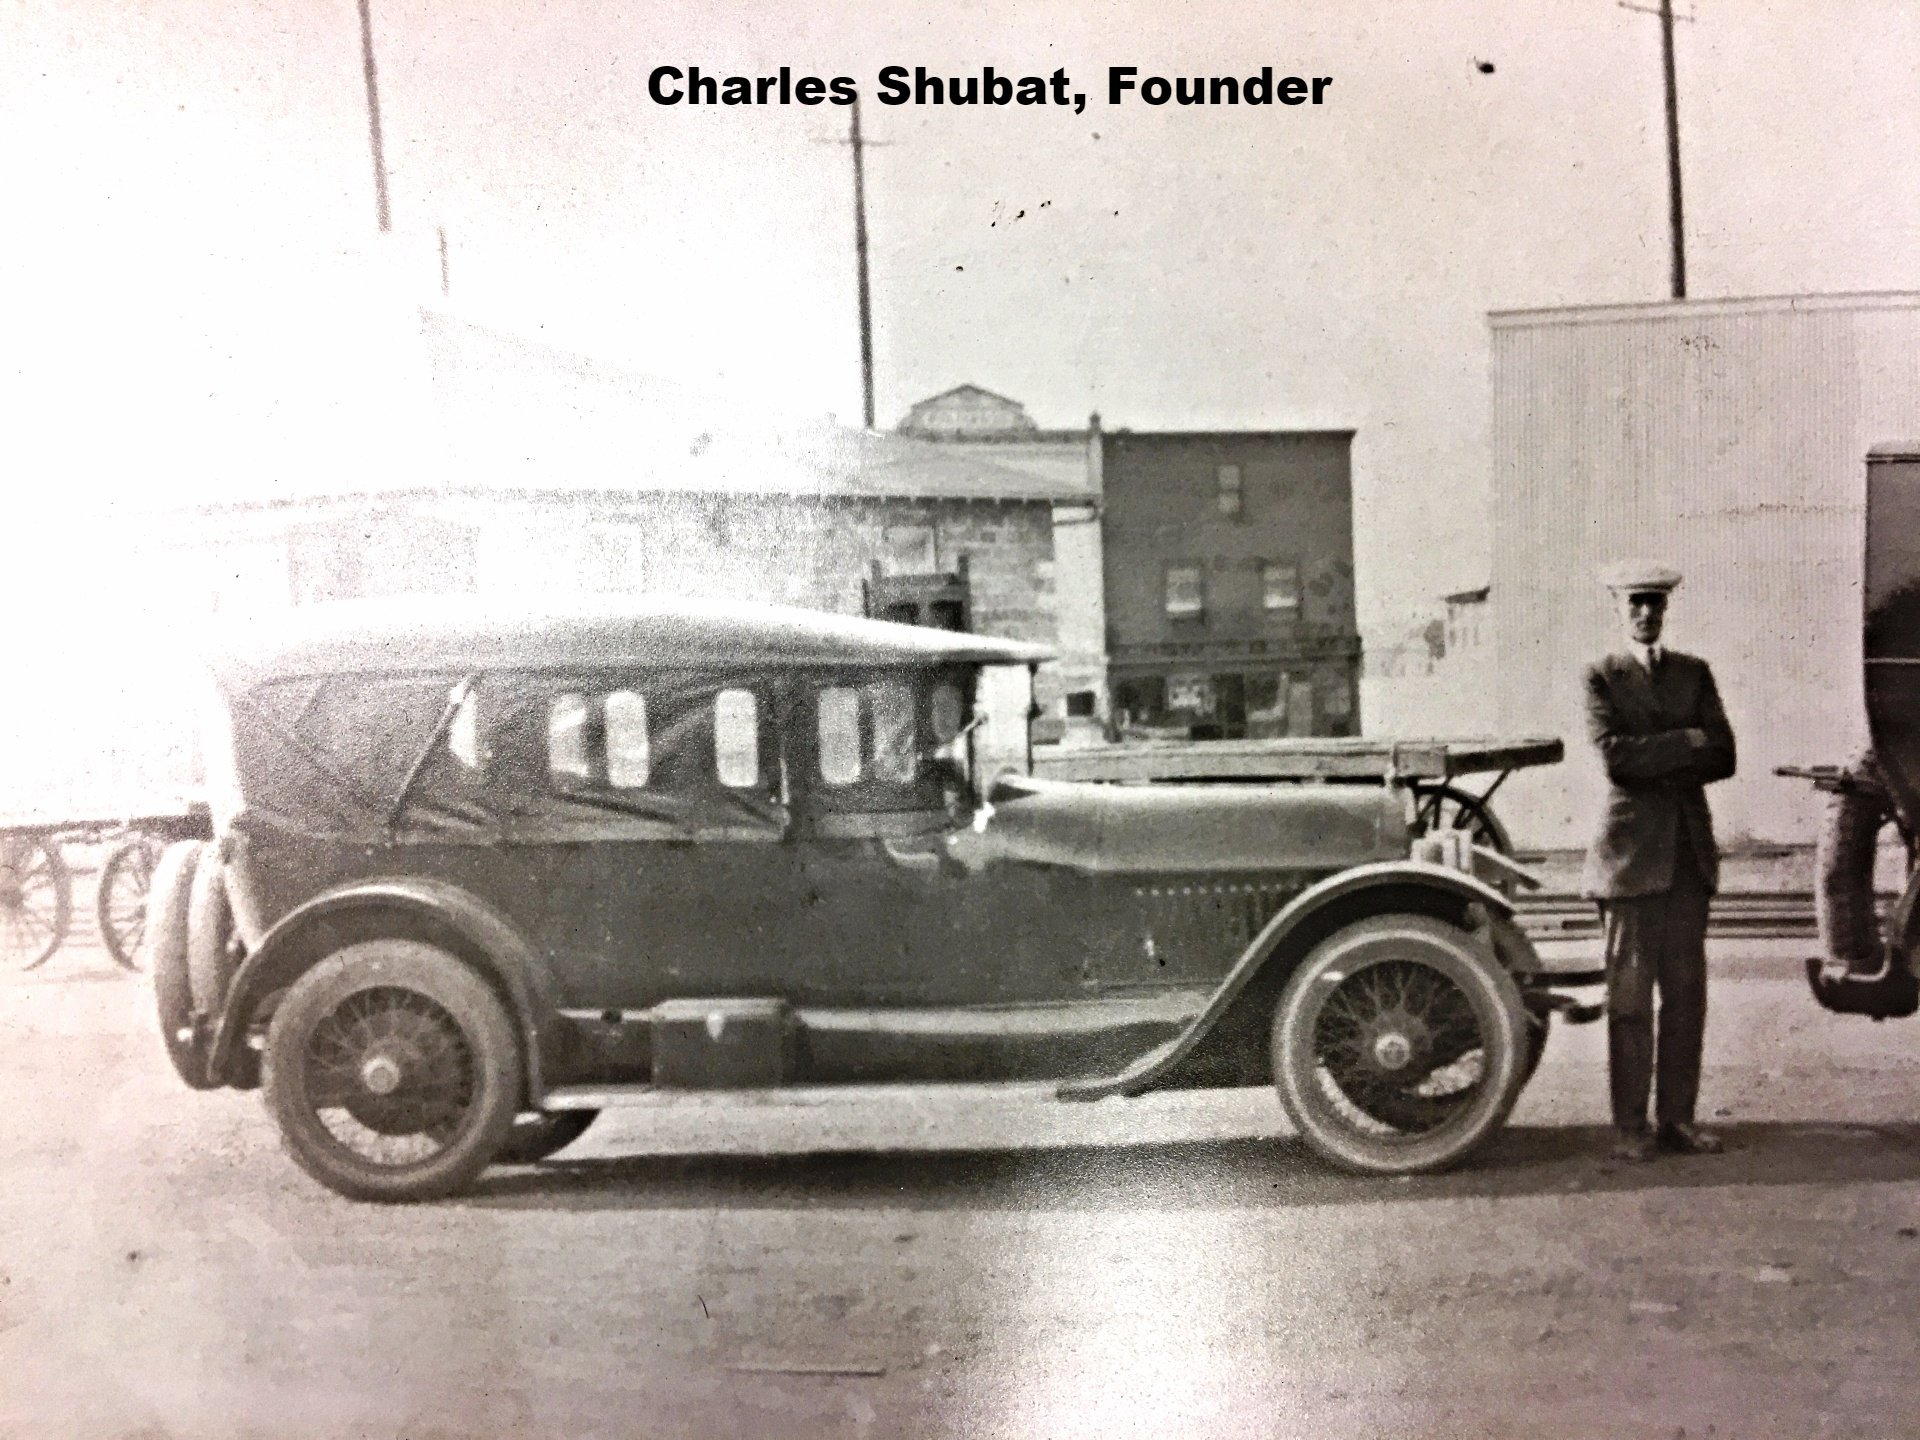 Charles Shubat, Founder